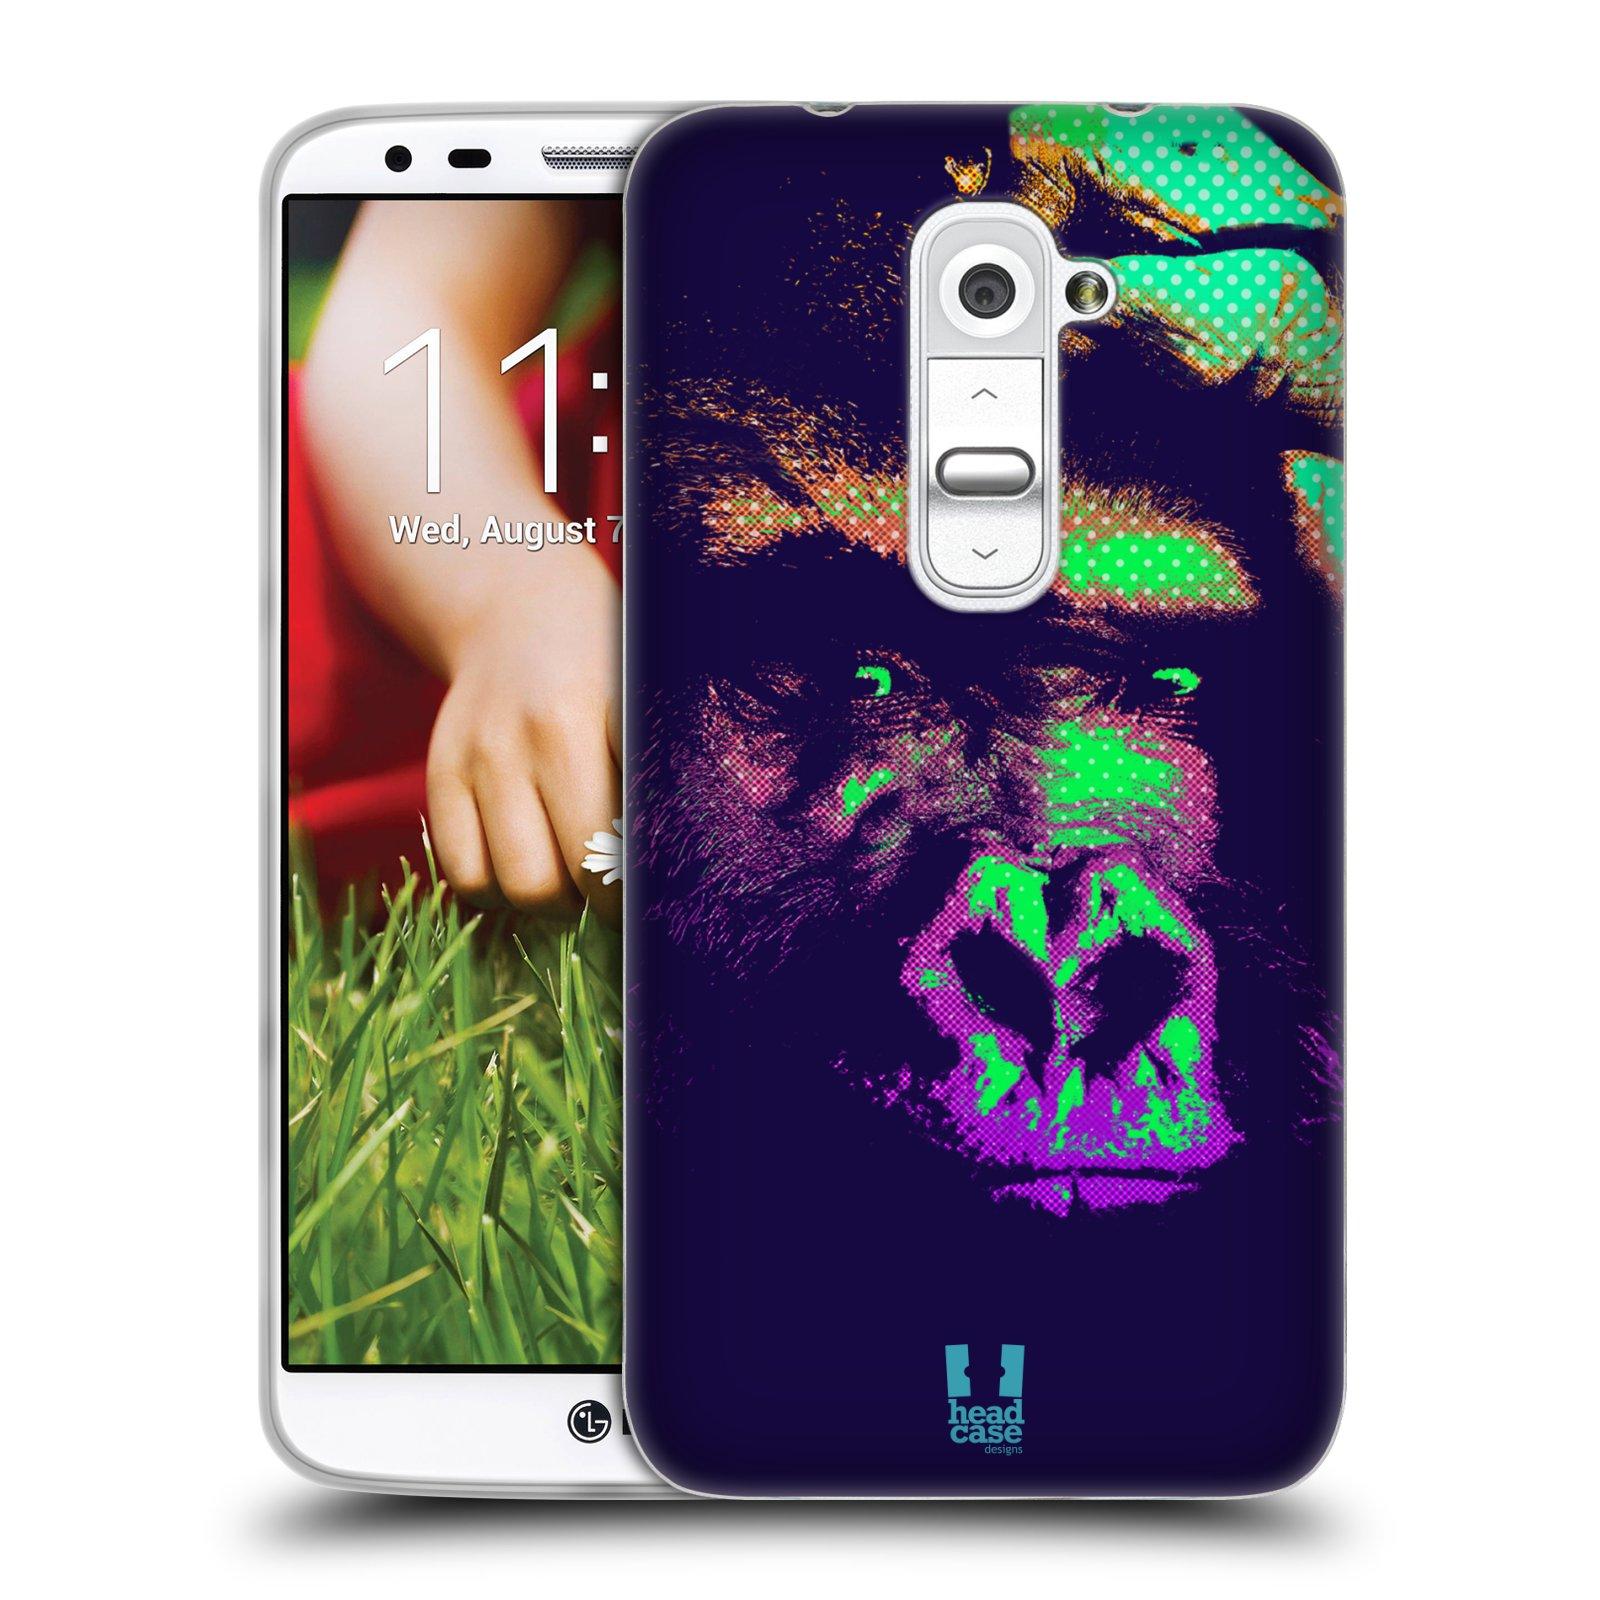 Silikonové pouzdro na mobil LG G2 HEAD CASE POP PRINT GORILA (Silikonový kryt či obal na mobilní telefon LG G2 D802)